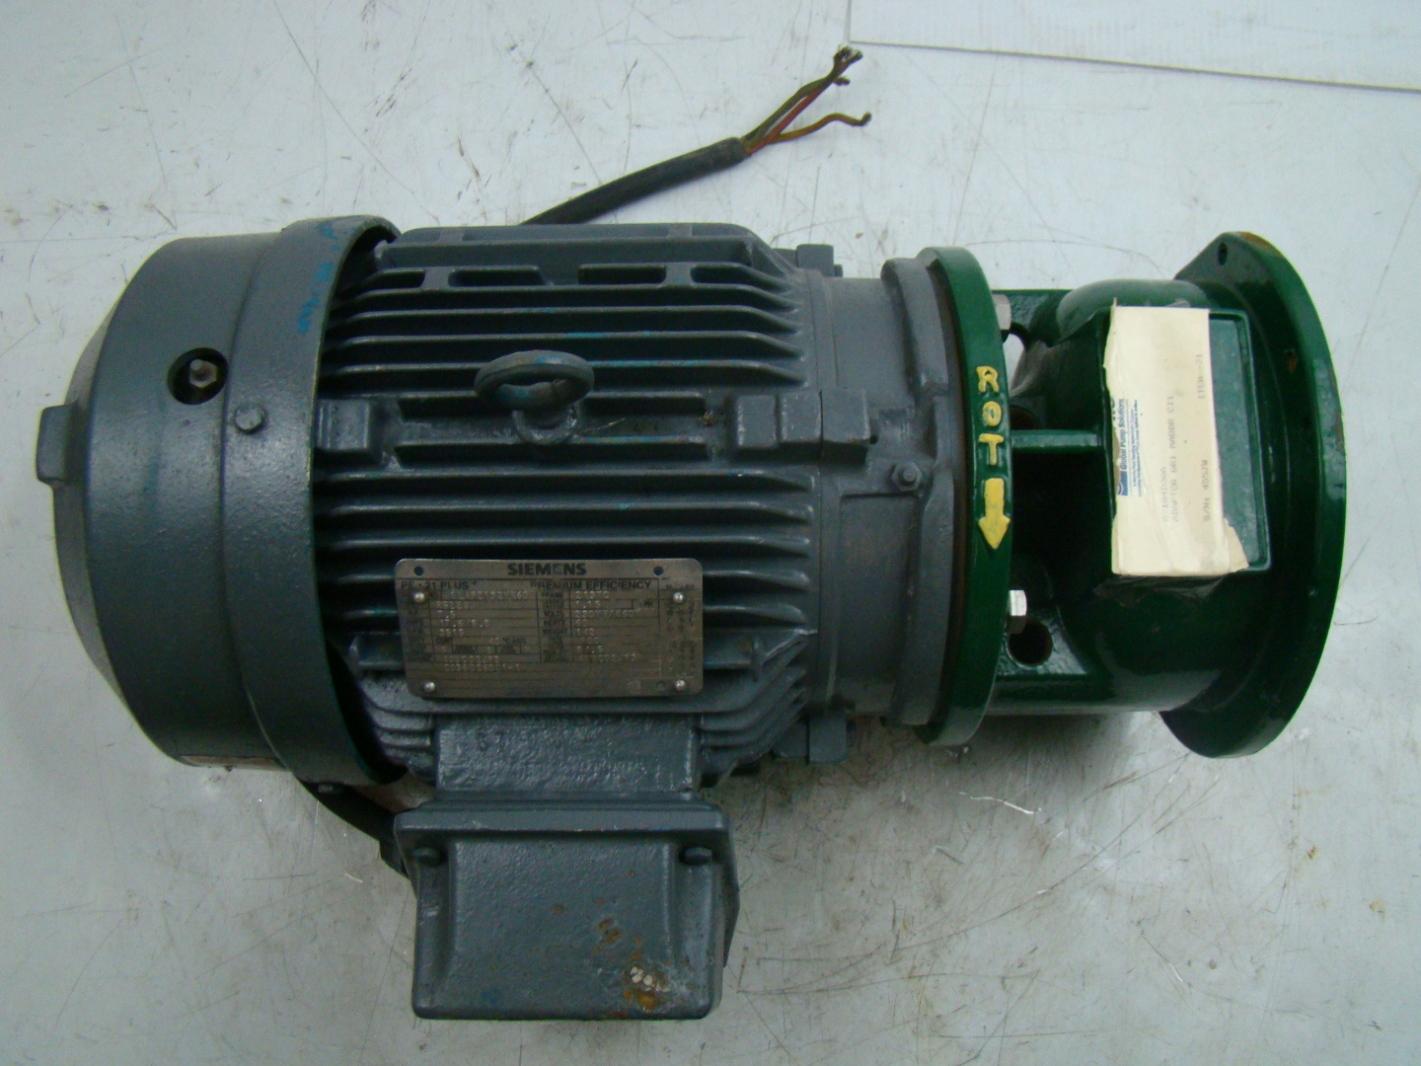 Siemens 7 5hp electric motor 230 460 r6zesd metpro pump for Hydraulic pump motor adapter